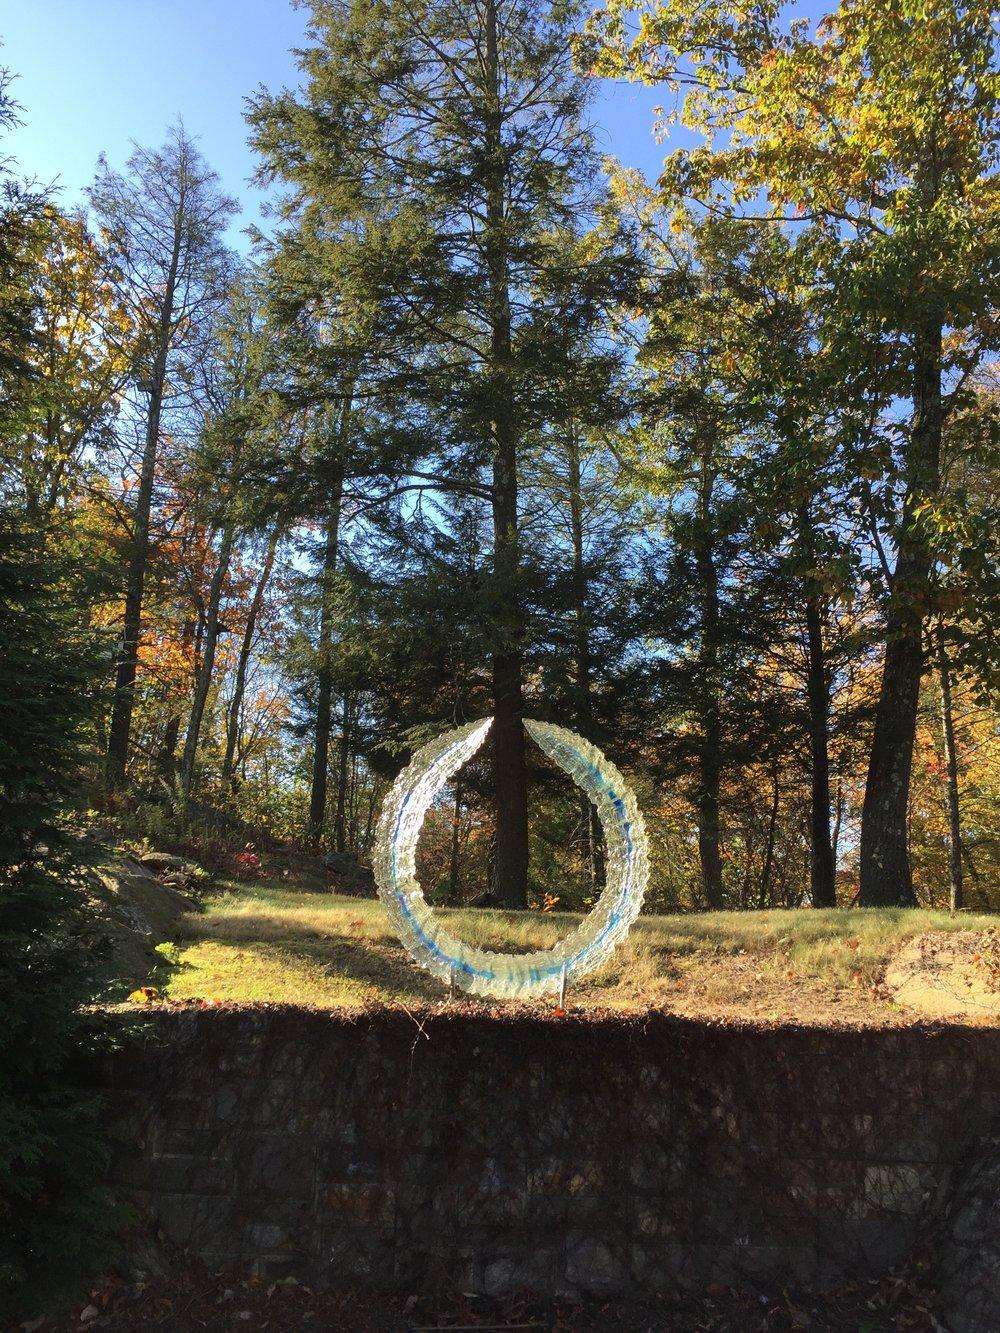 Glass ring sculpture, outdoor sculpture